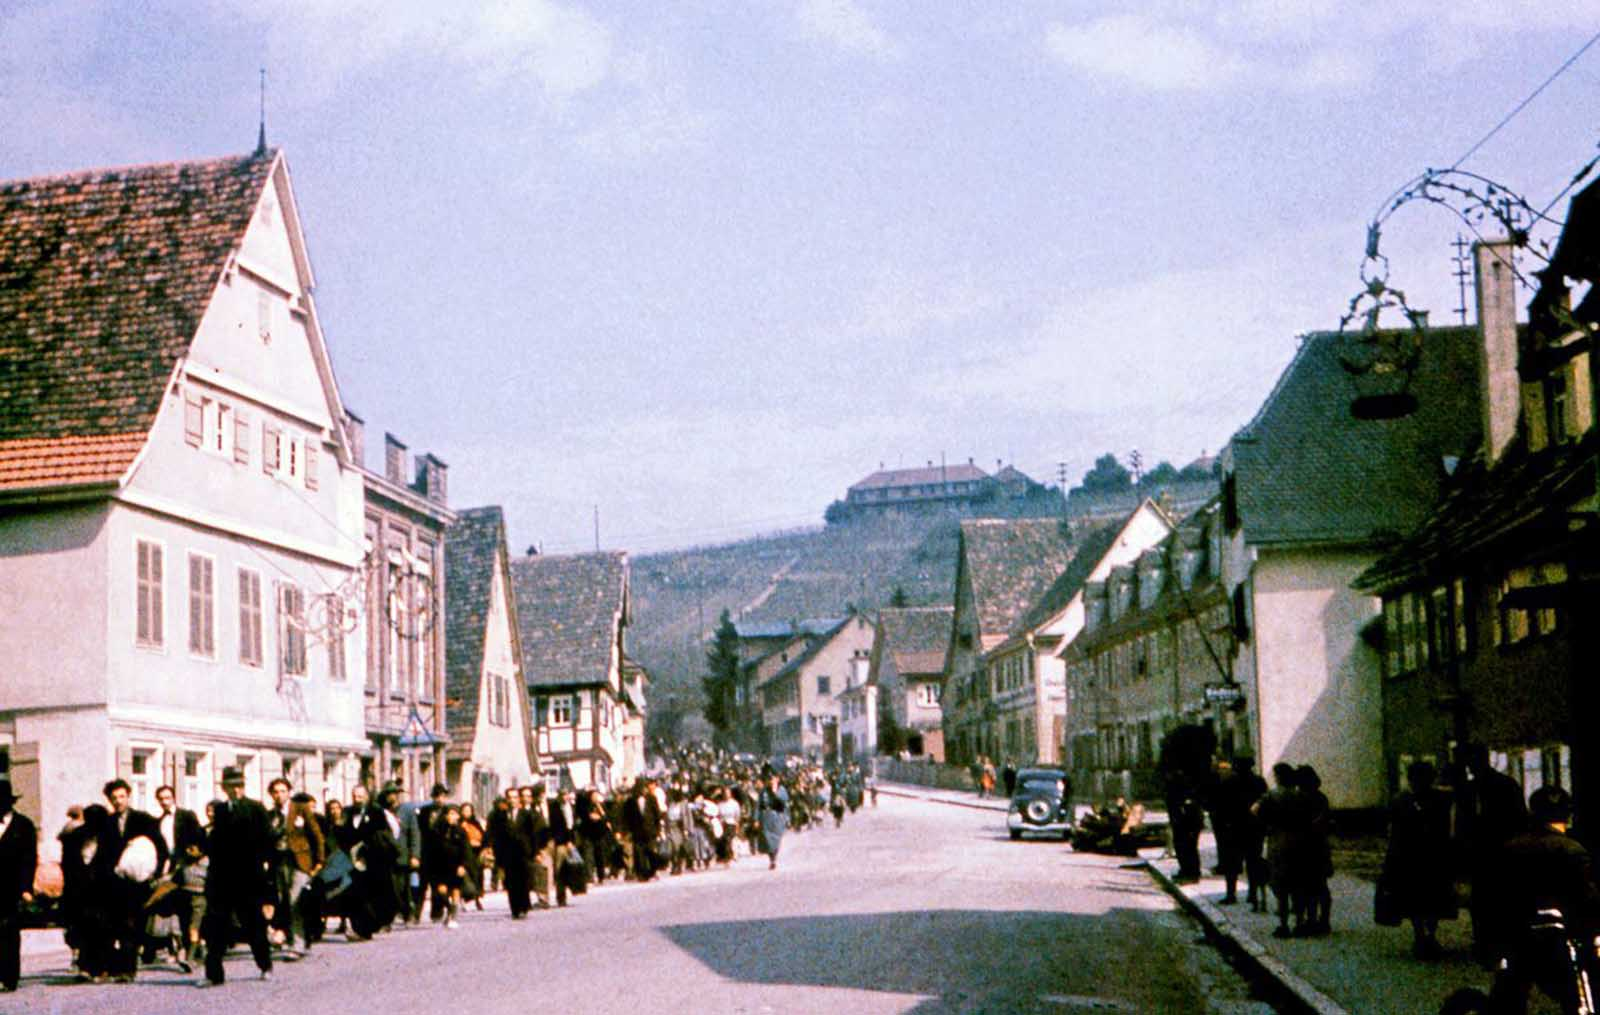 Los sinti marchan por la calle en Asperg en su camino a la prisión de Hohenasperg antes de su deportación a los campamentos en Polonia. 22 de mayo de 1940.